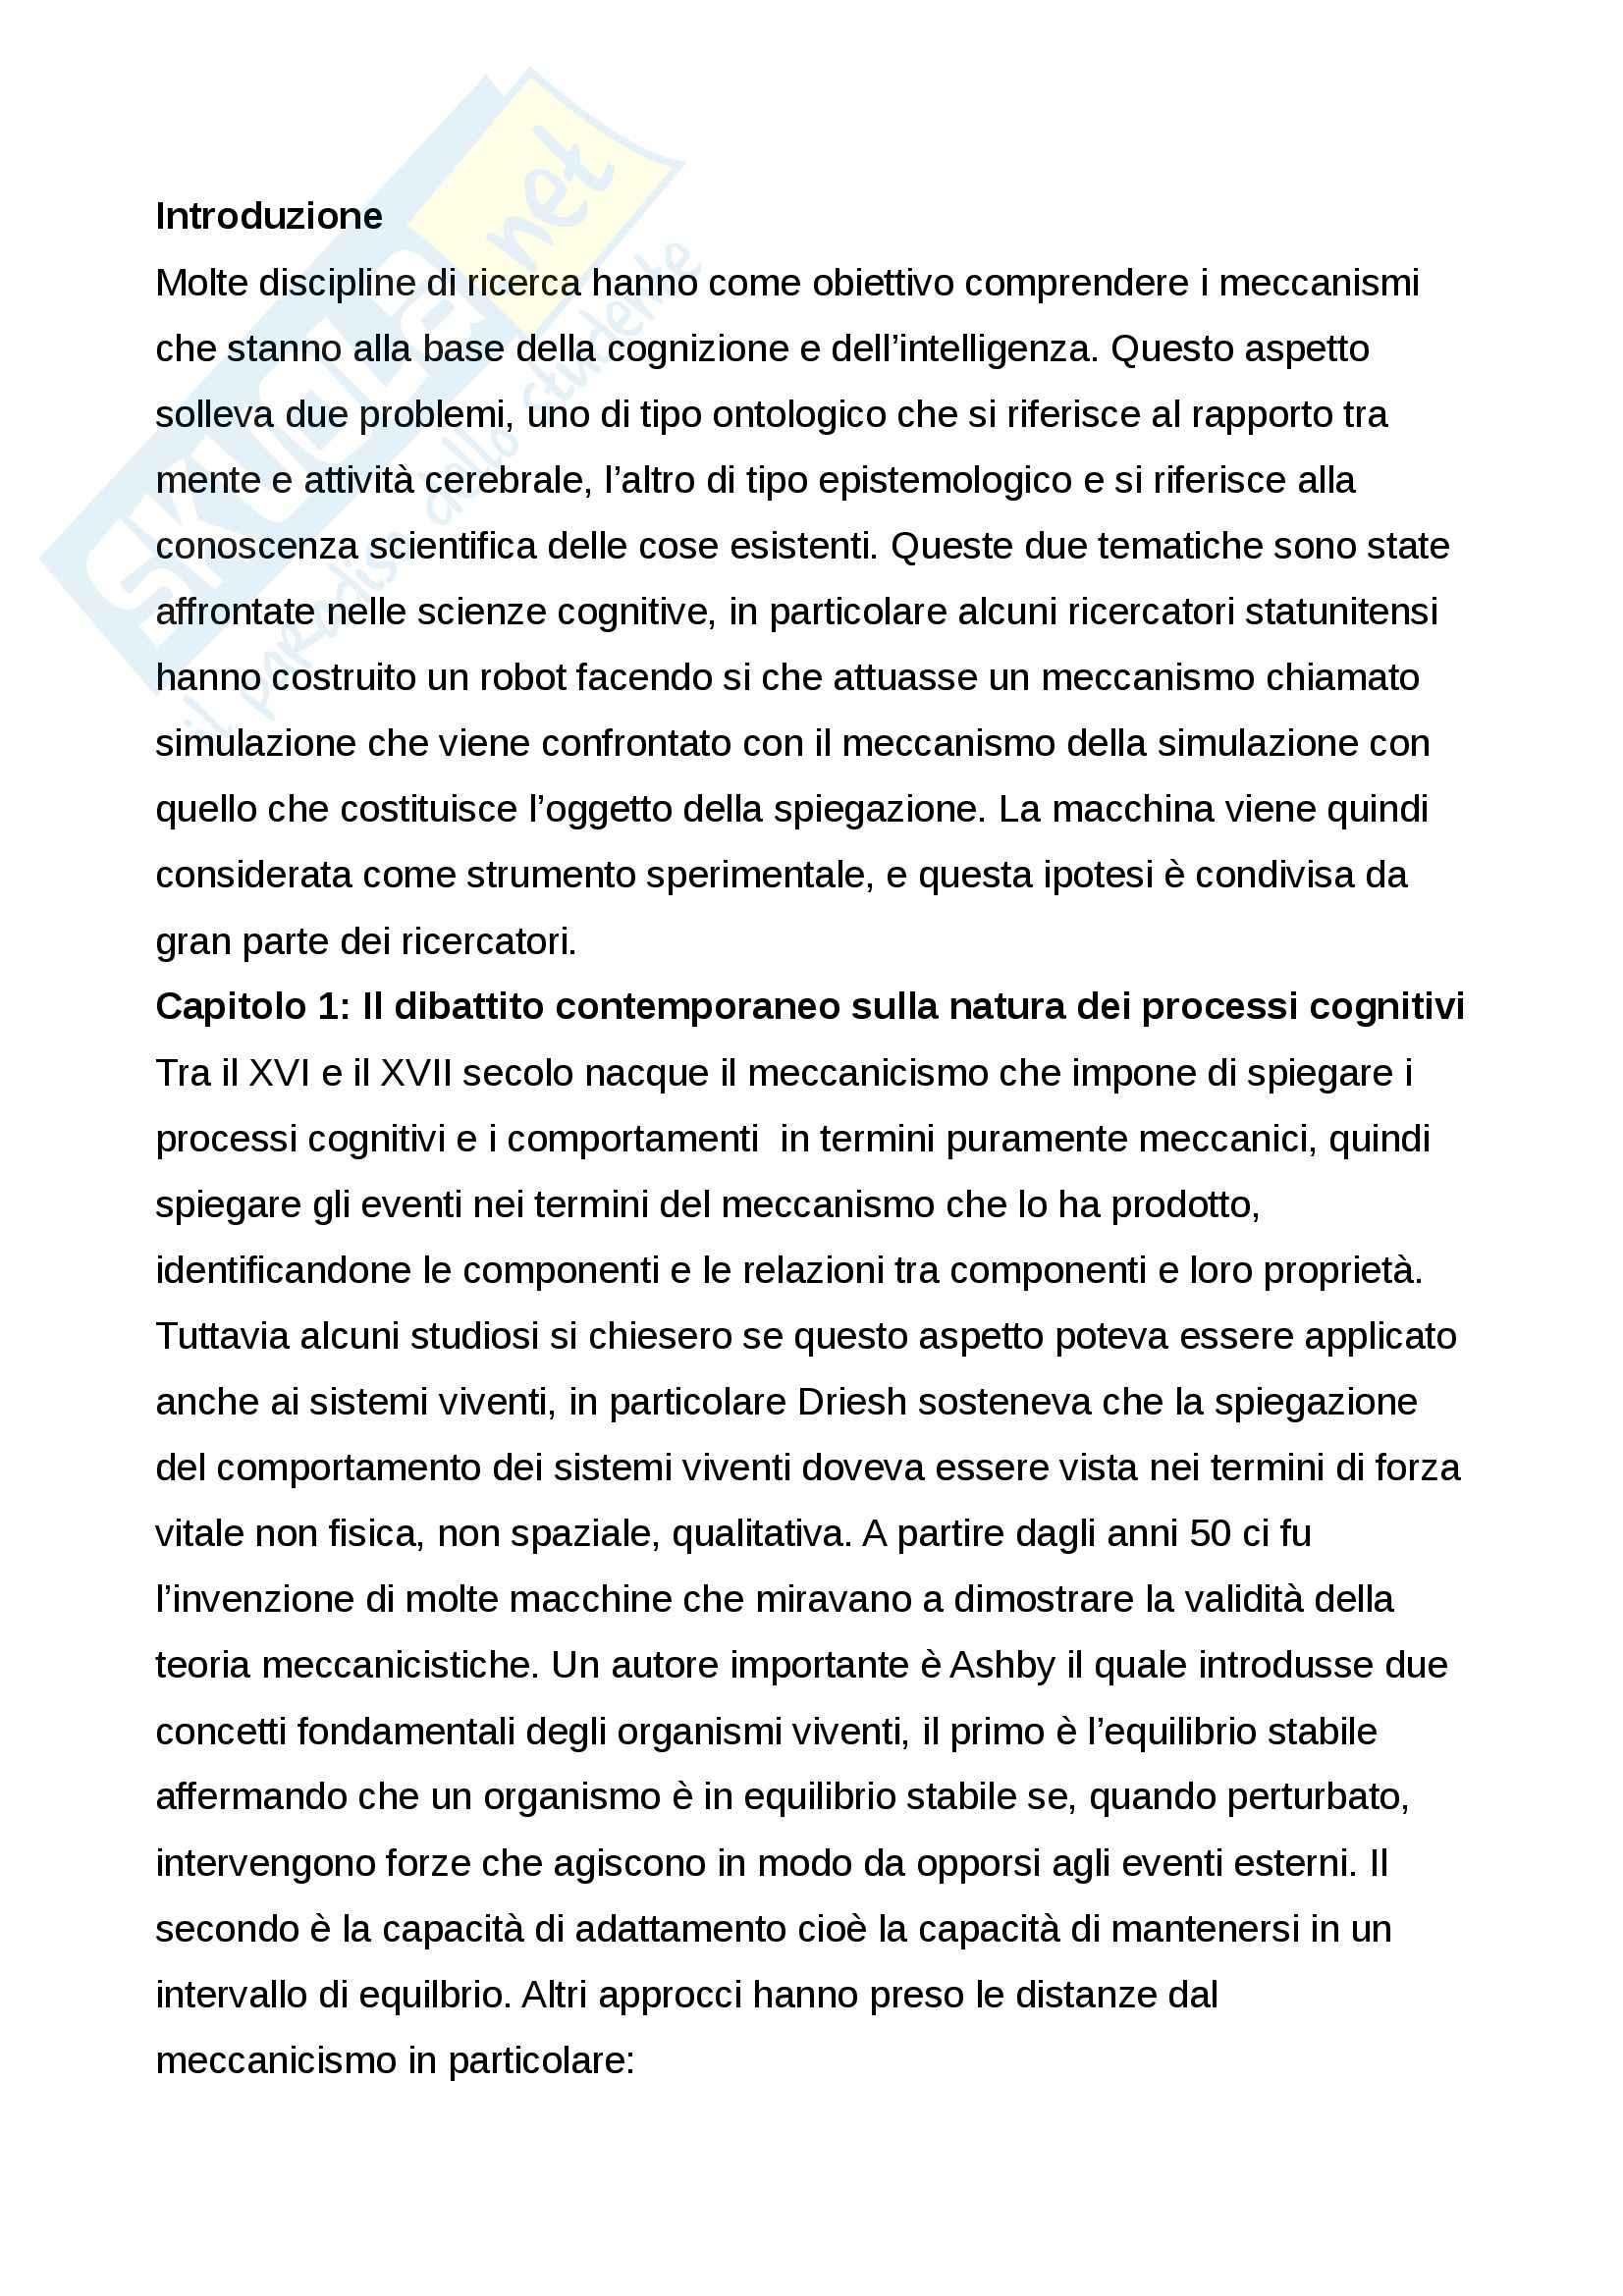 appunto F. Laudisa Logica e filosofia della scienza